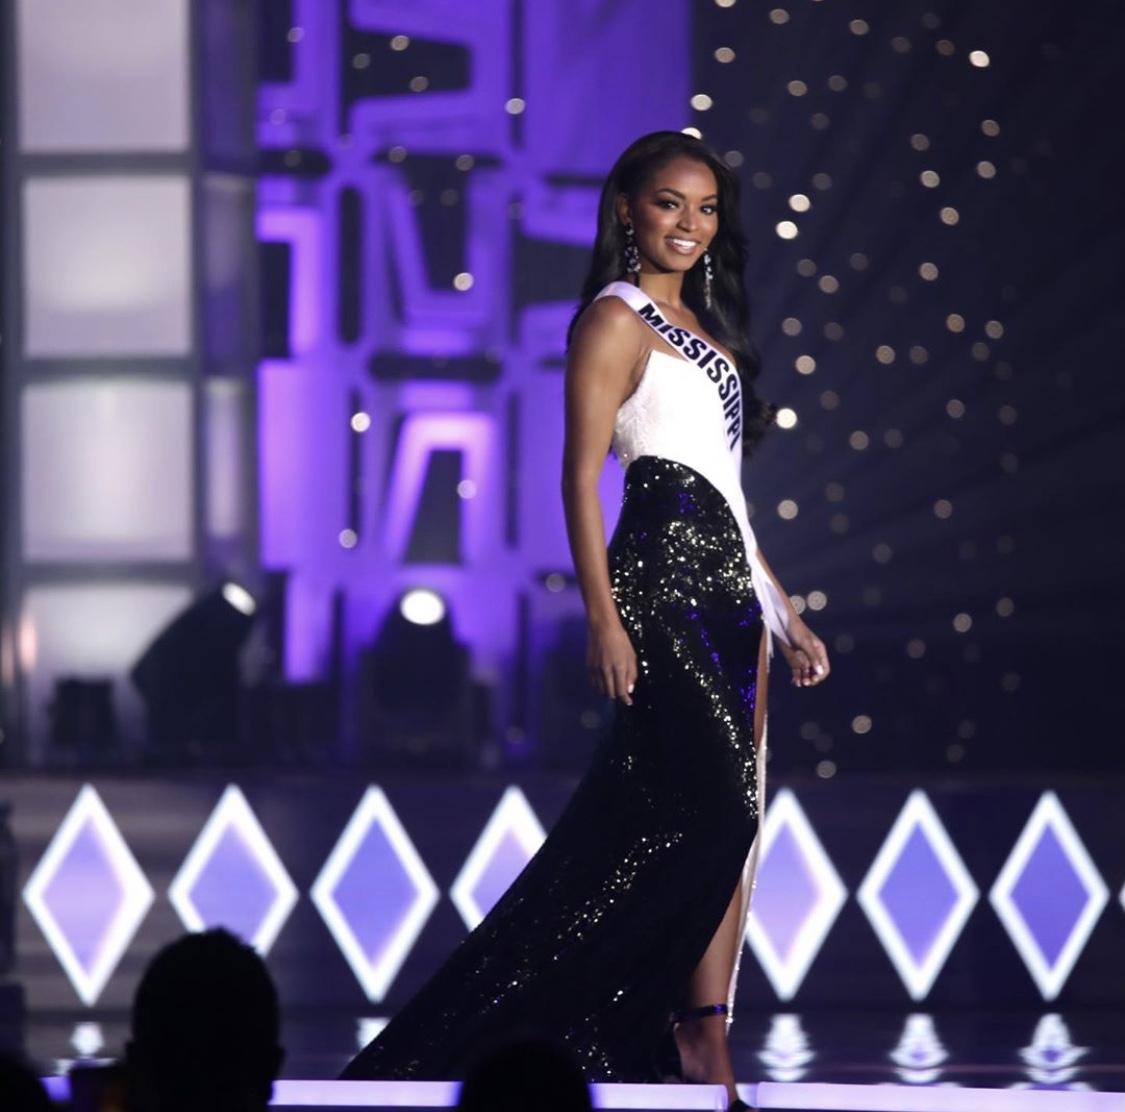 Asya-Branch-Miss-USA-2020